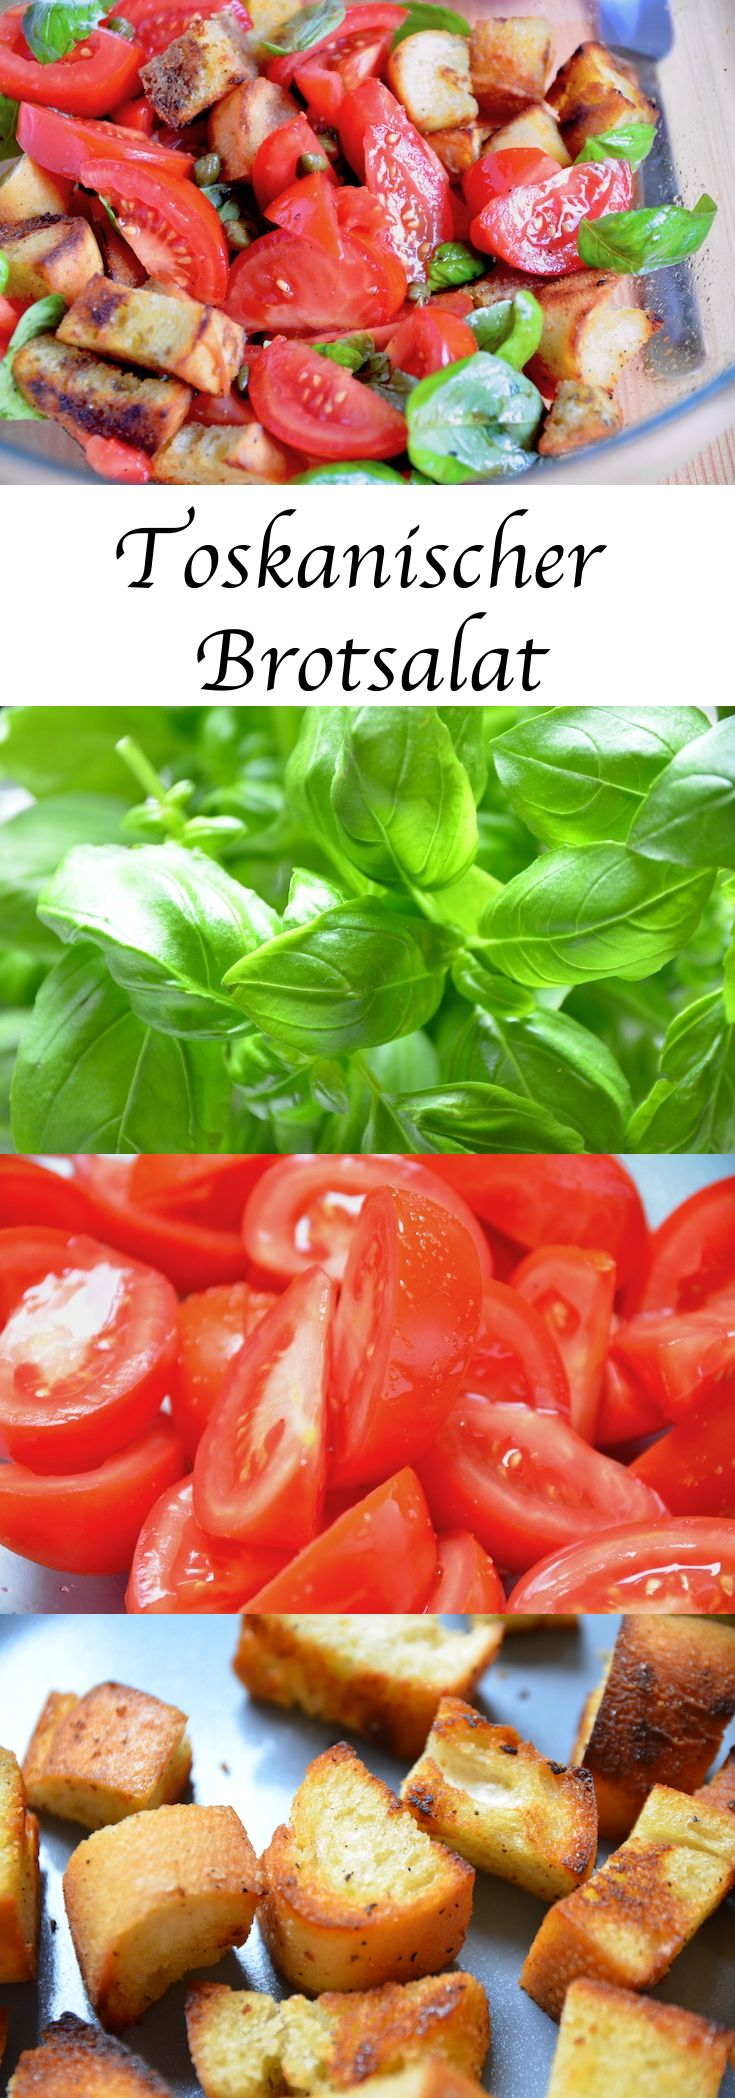 Leckerer Toskanischer Tomaten-Brotsalat, ein Gedicht! Die perfekte Beilage zu gegrilltem Fleisch und Fisch oder einfach als Hauptgang. #Brotsalat #Tomatensalat #Salat